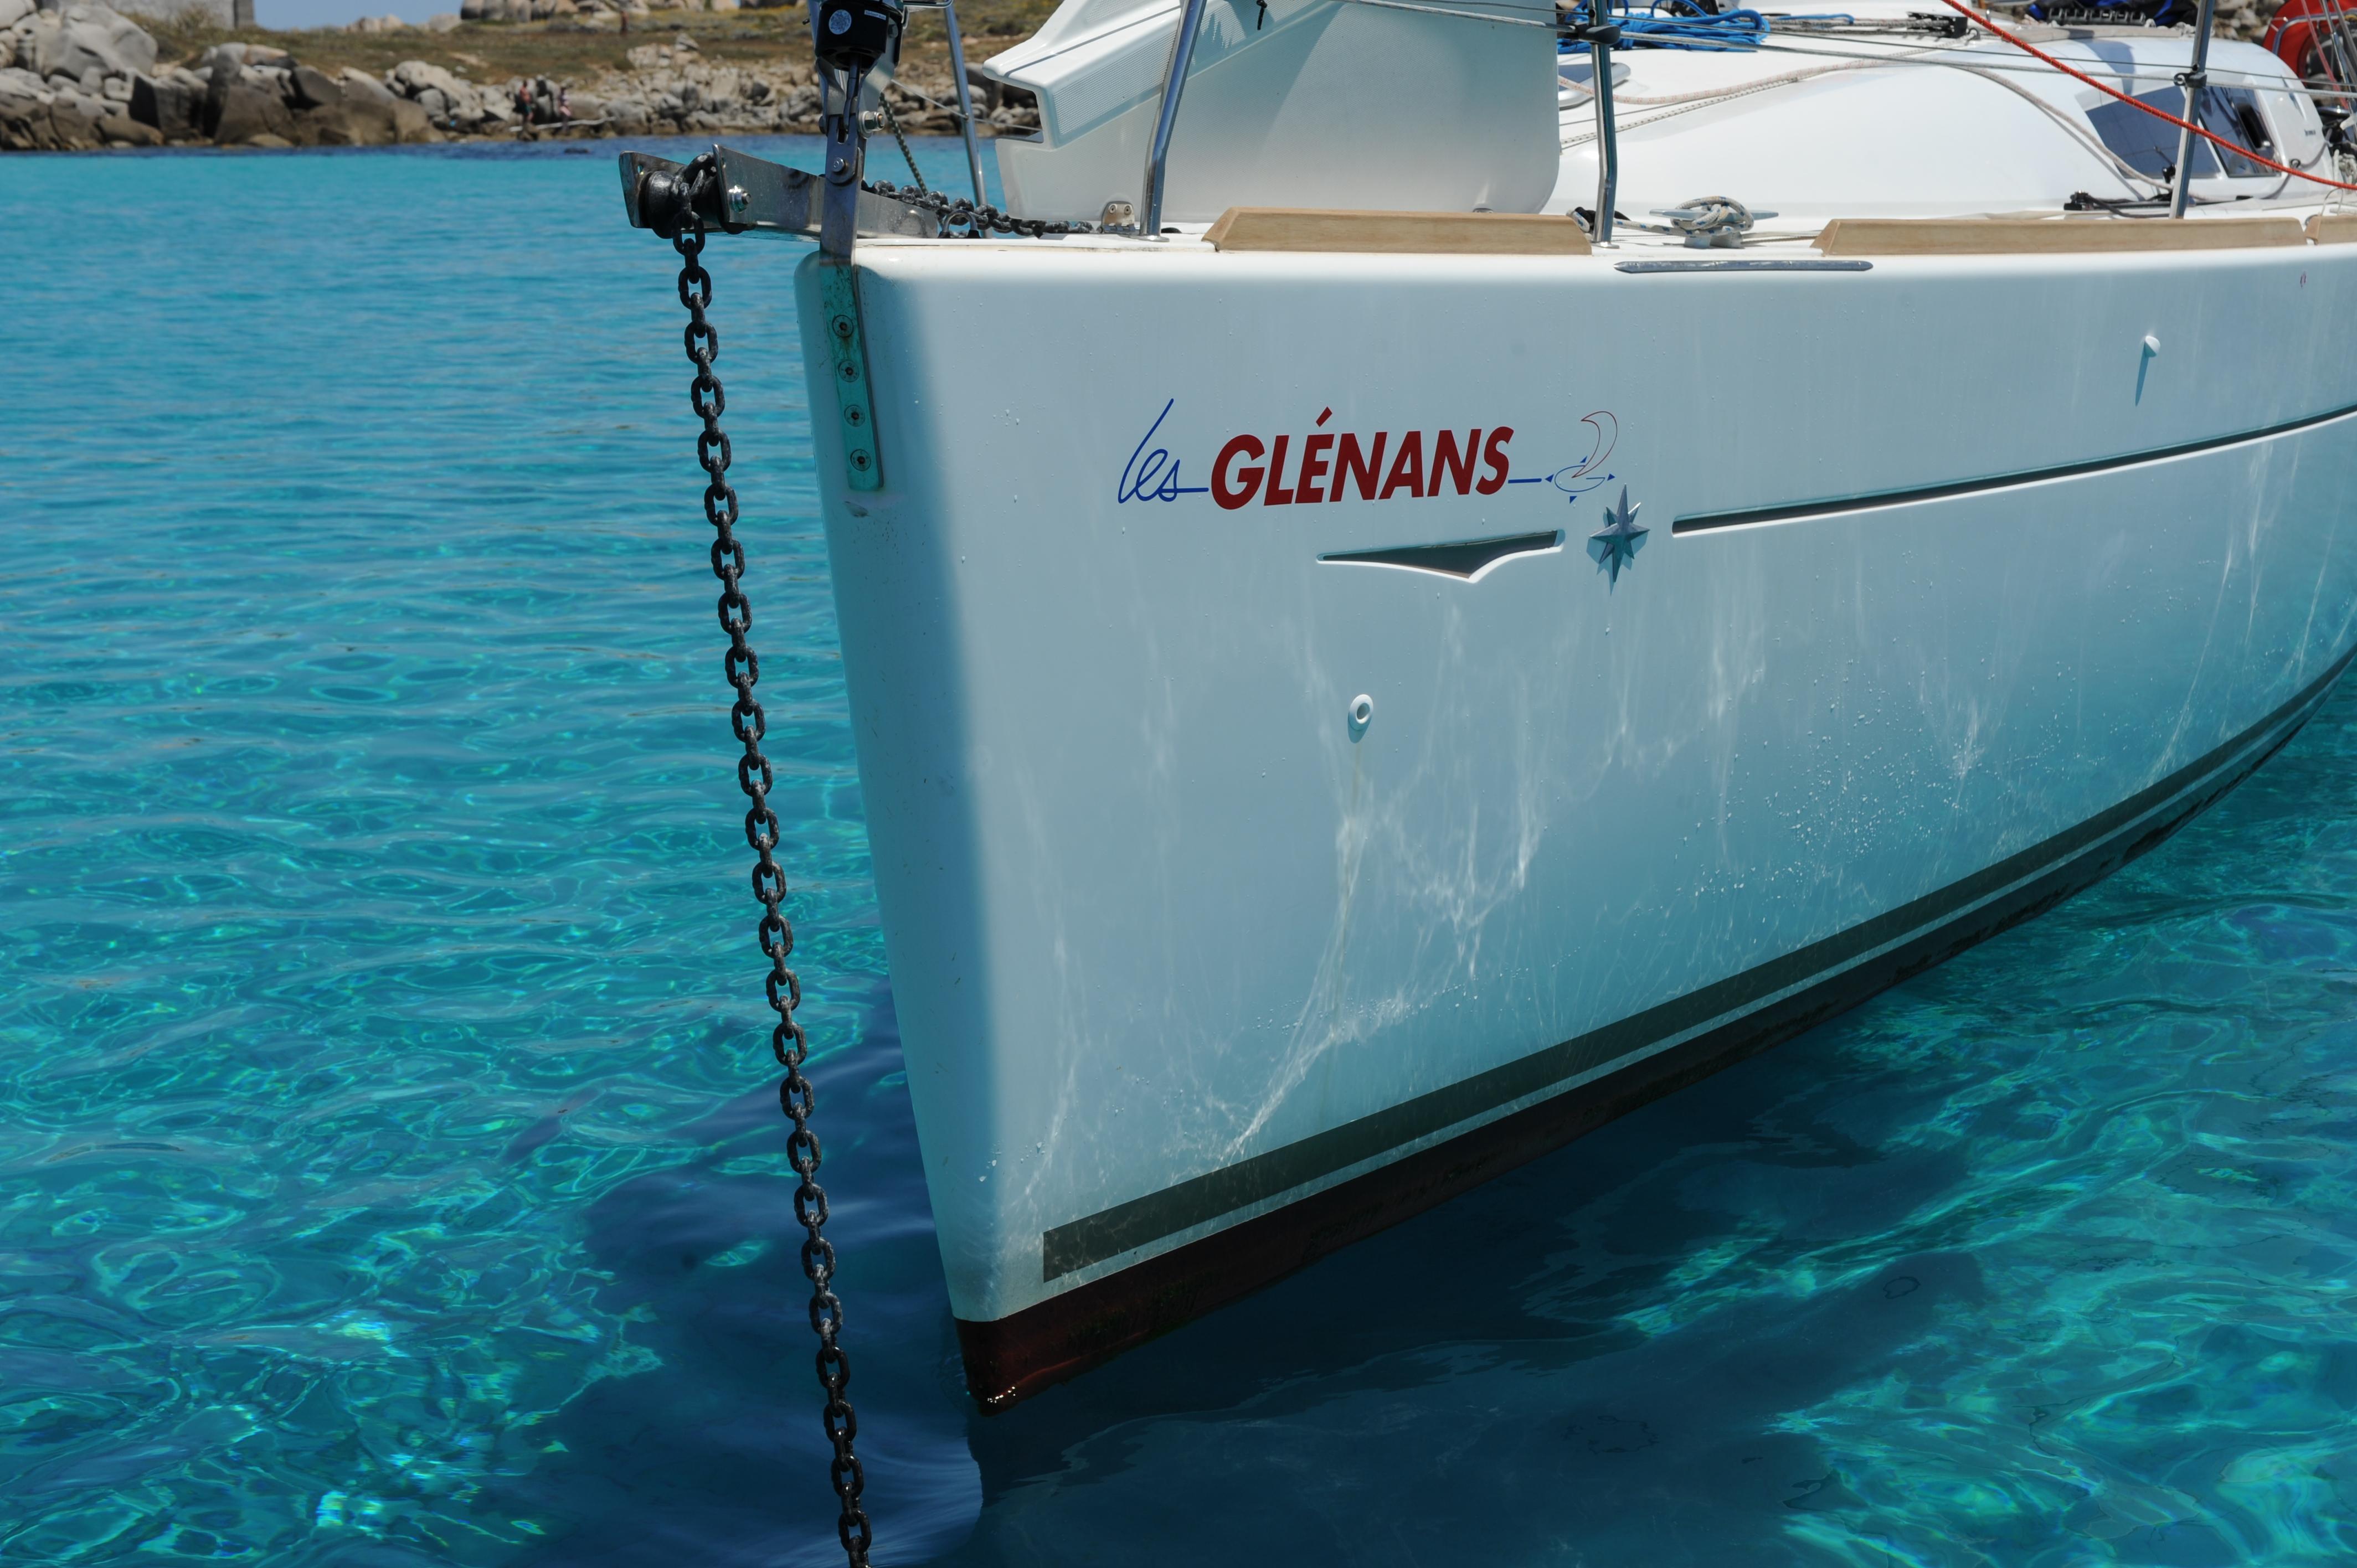 Scuola di vela les Glenans - Ufficio del Turismo Di Bonifacio